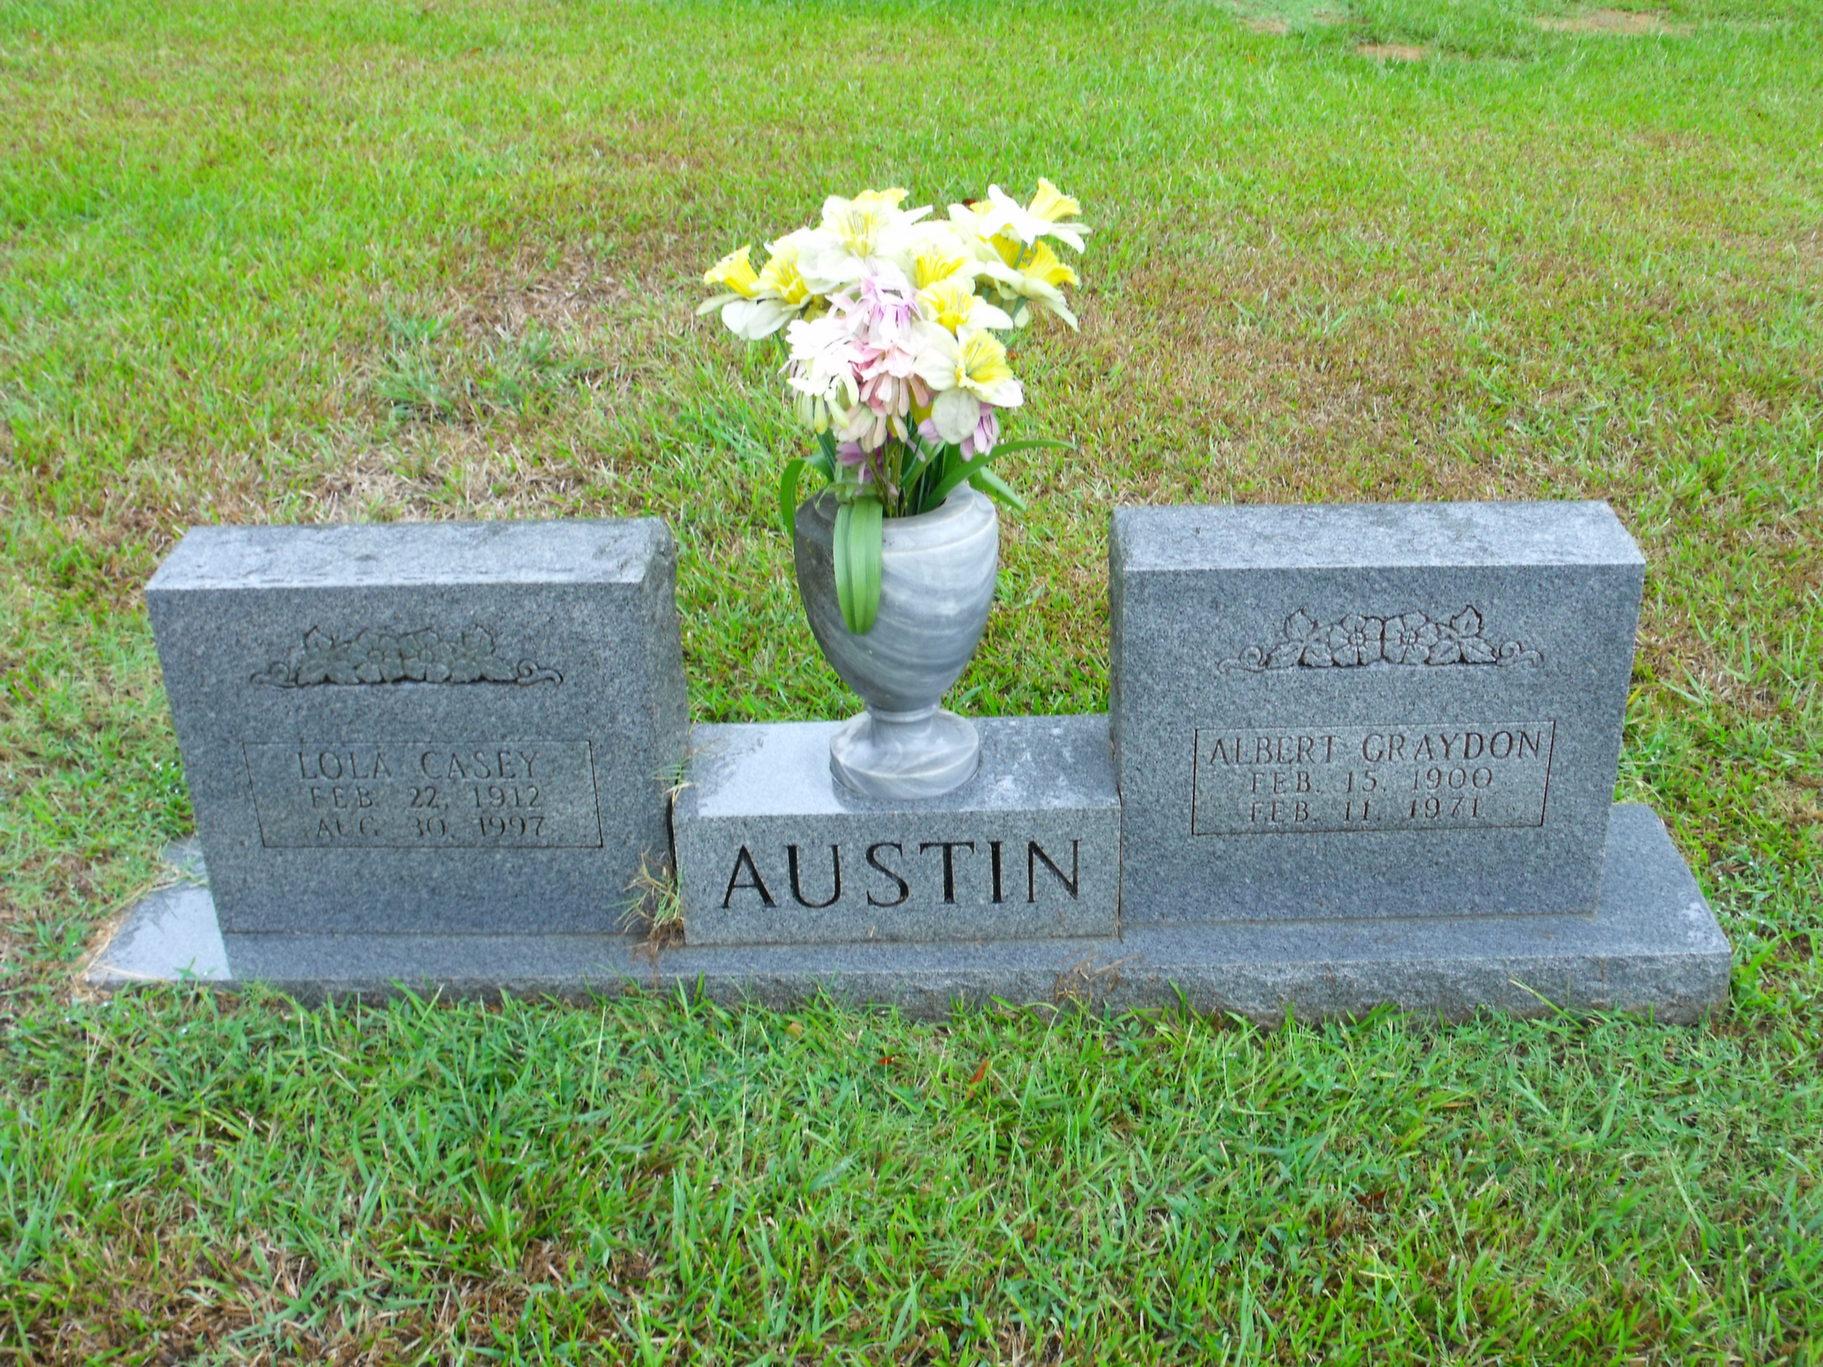 Albert Graydon Austin